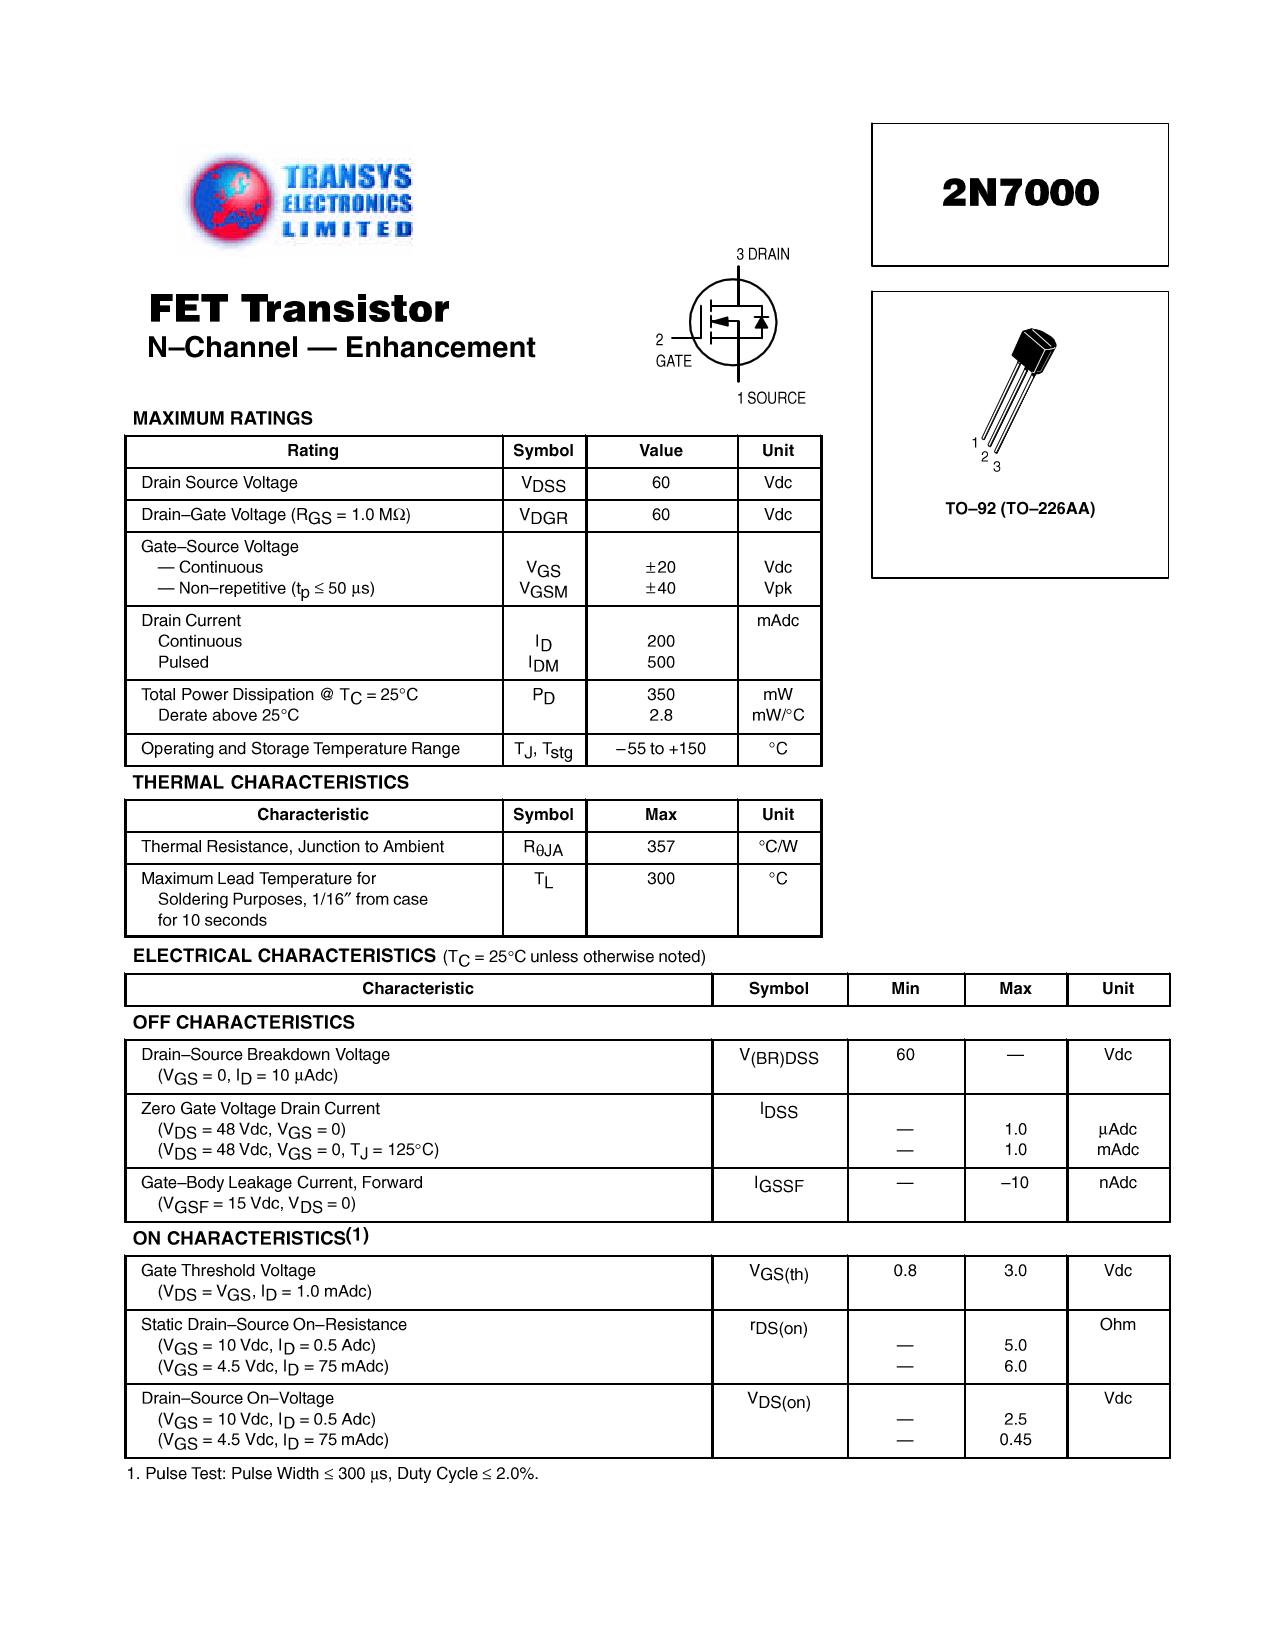 2N7000 데이터시트 및 2N7000 PDF